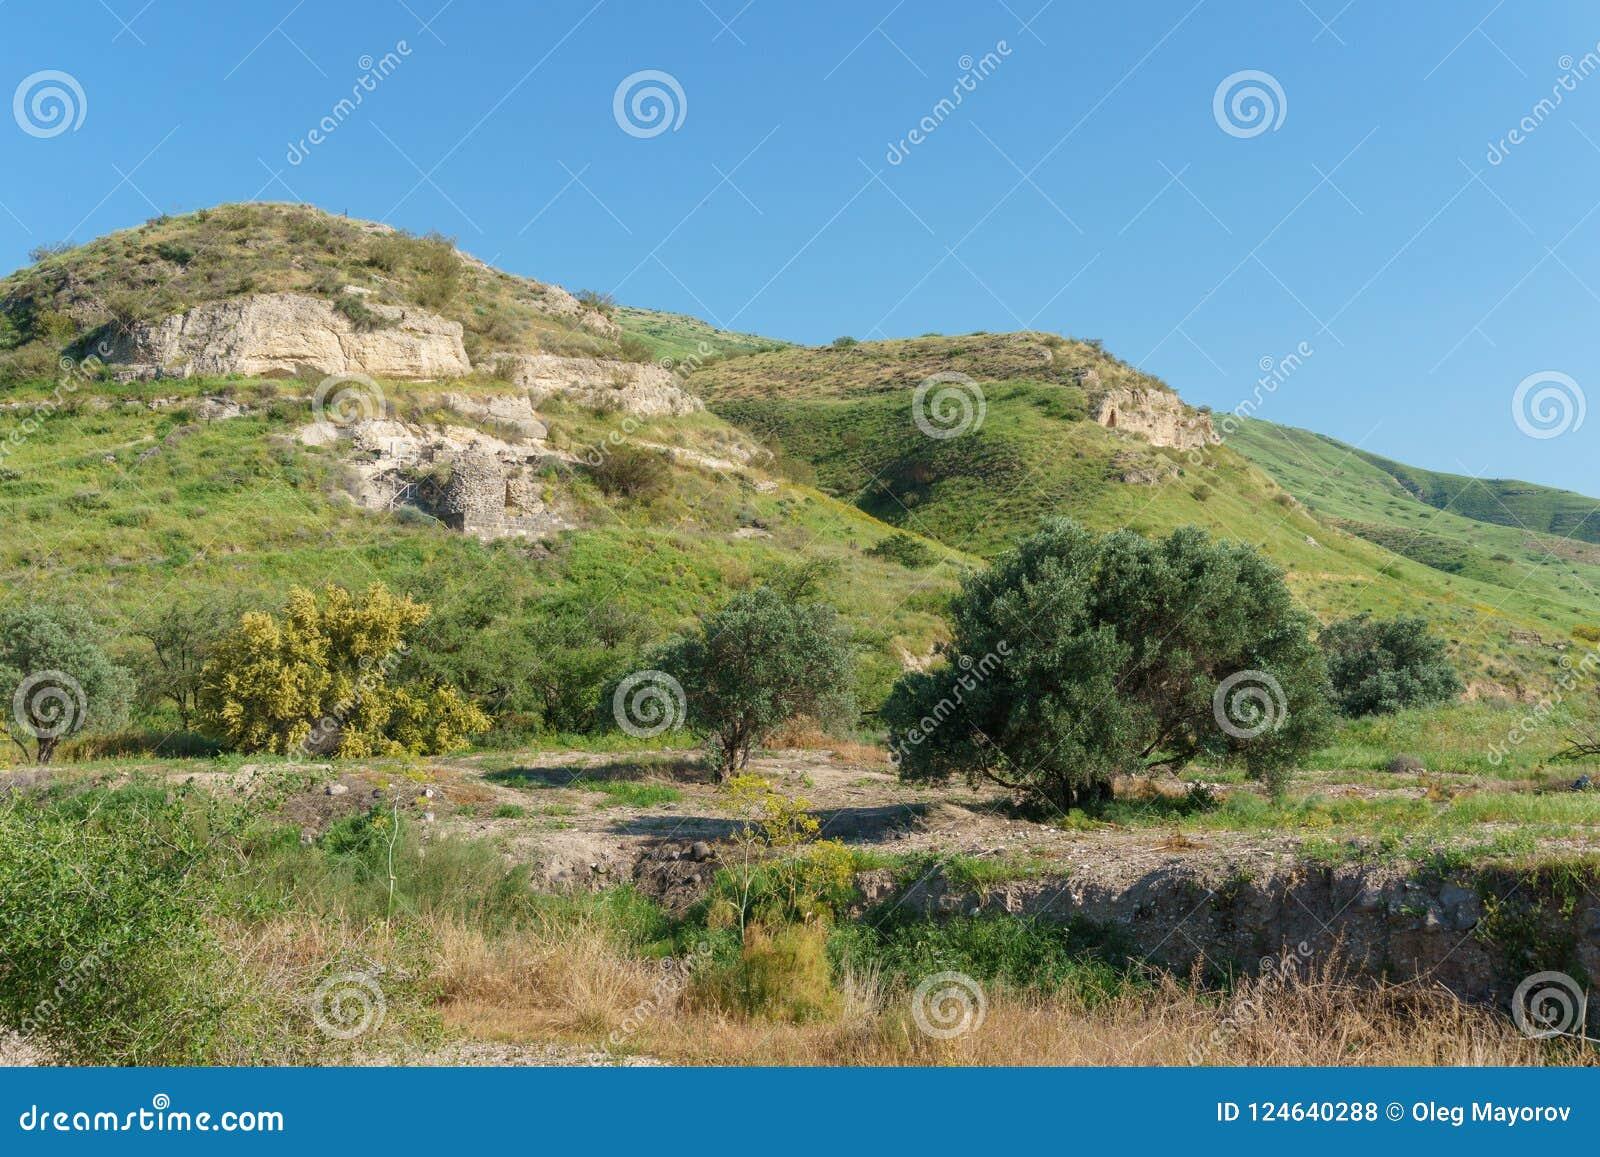 Golan Heights Israel - mars 31, 2018: Mäktiga rest för Kursi nationalpark av en kloster och en kyrka